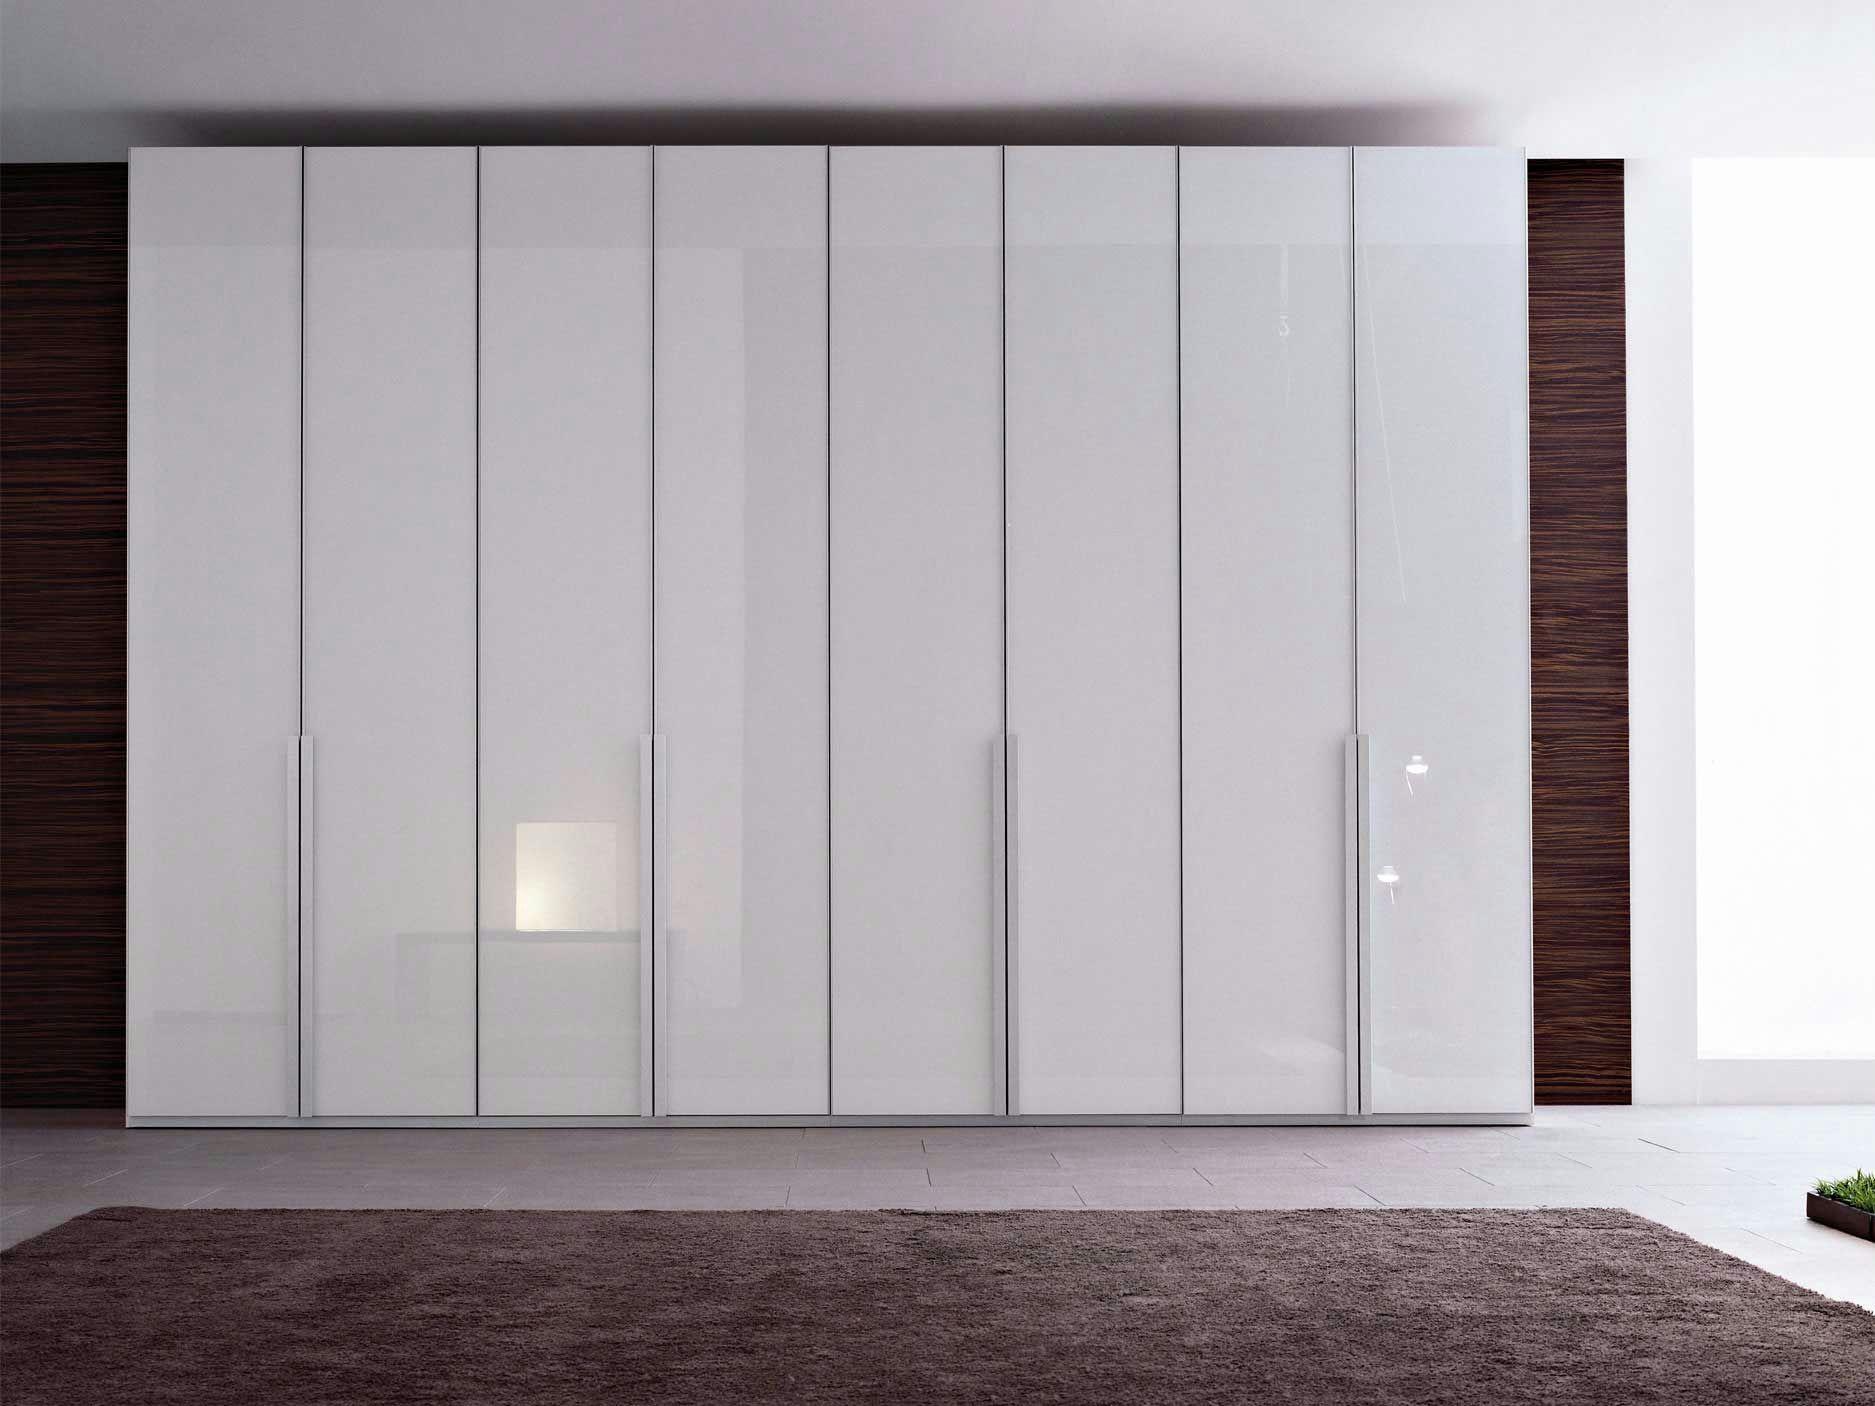 spiegel kleiderschrank mit schiebet ren ecrin total by. Black Bedroom Furniture Sets. Home Design Ideas